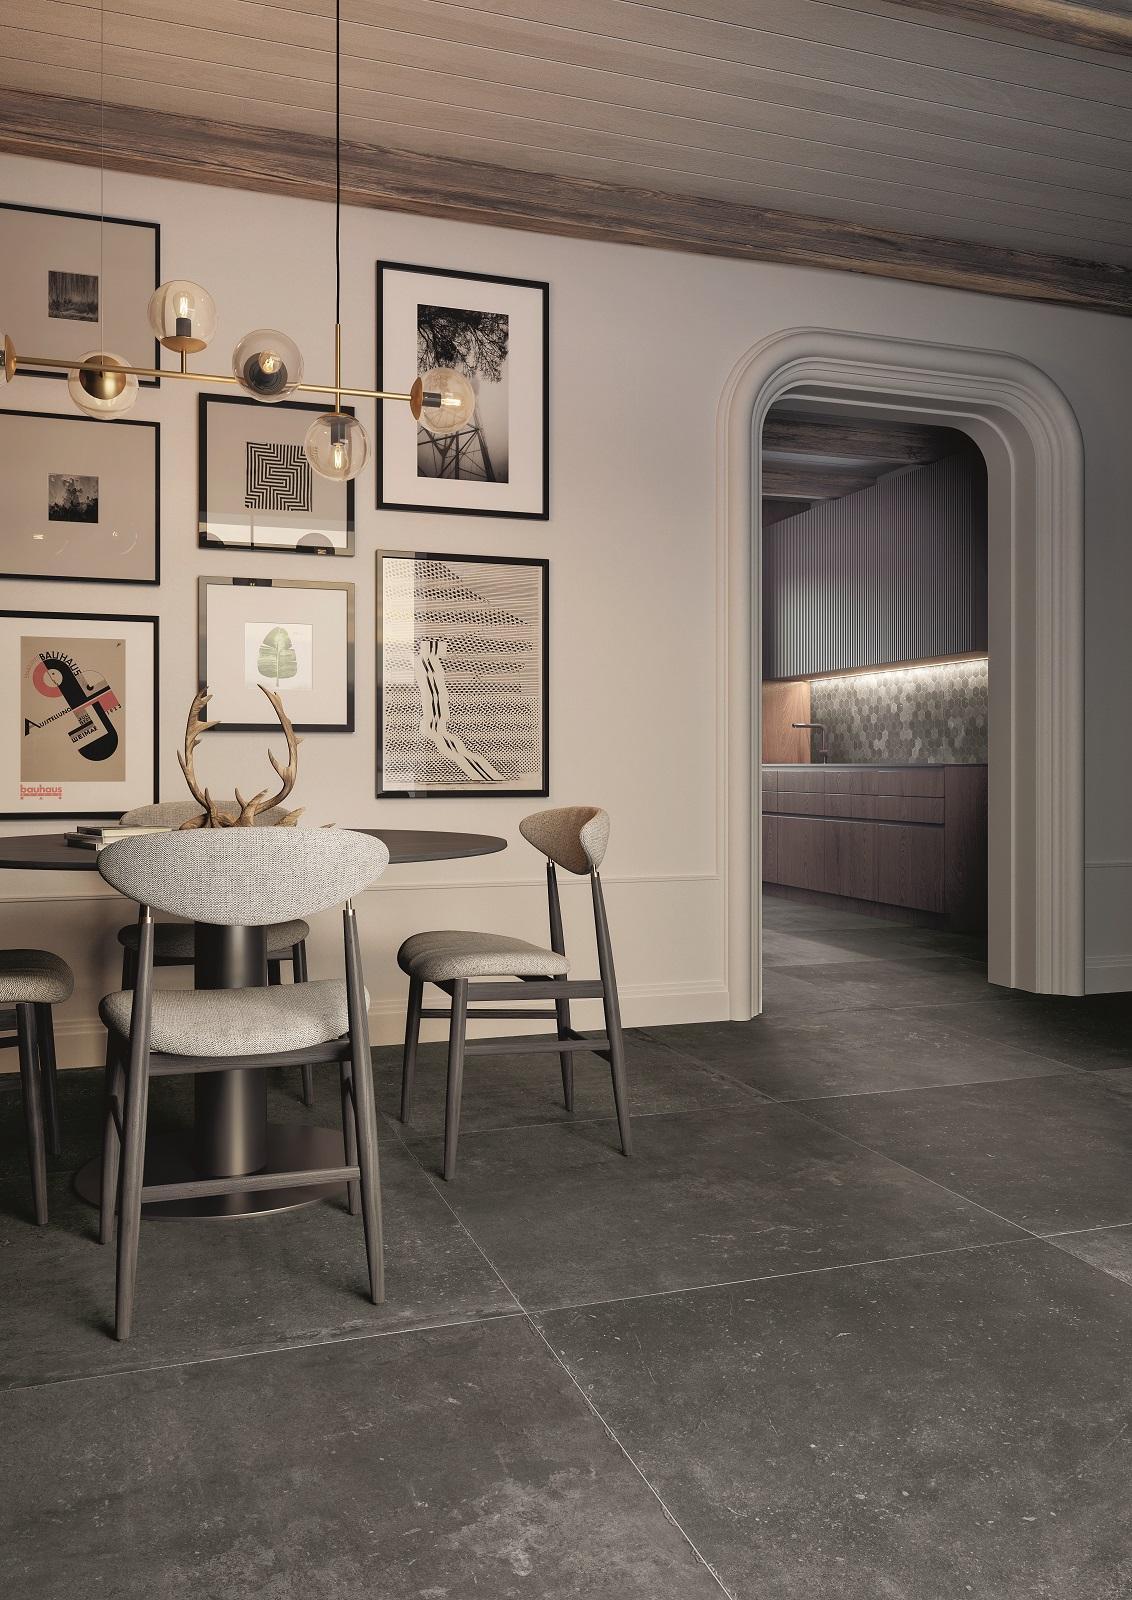 Gres Porcellanato Smaltato Caratteristiche pavimenti facili da pulire? in ceramica, igienica e